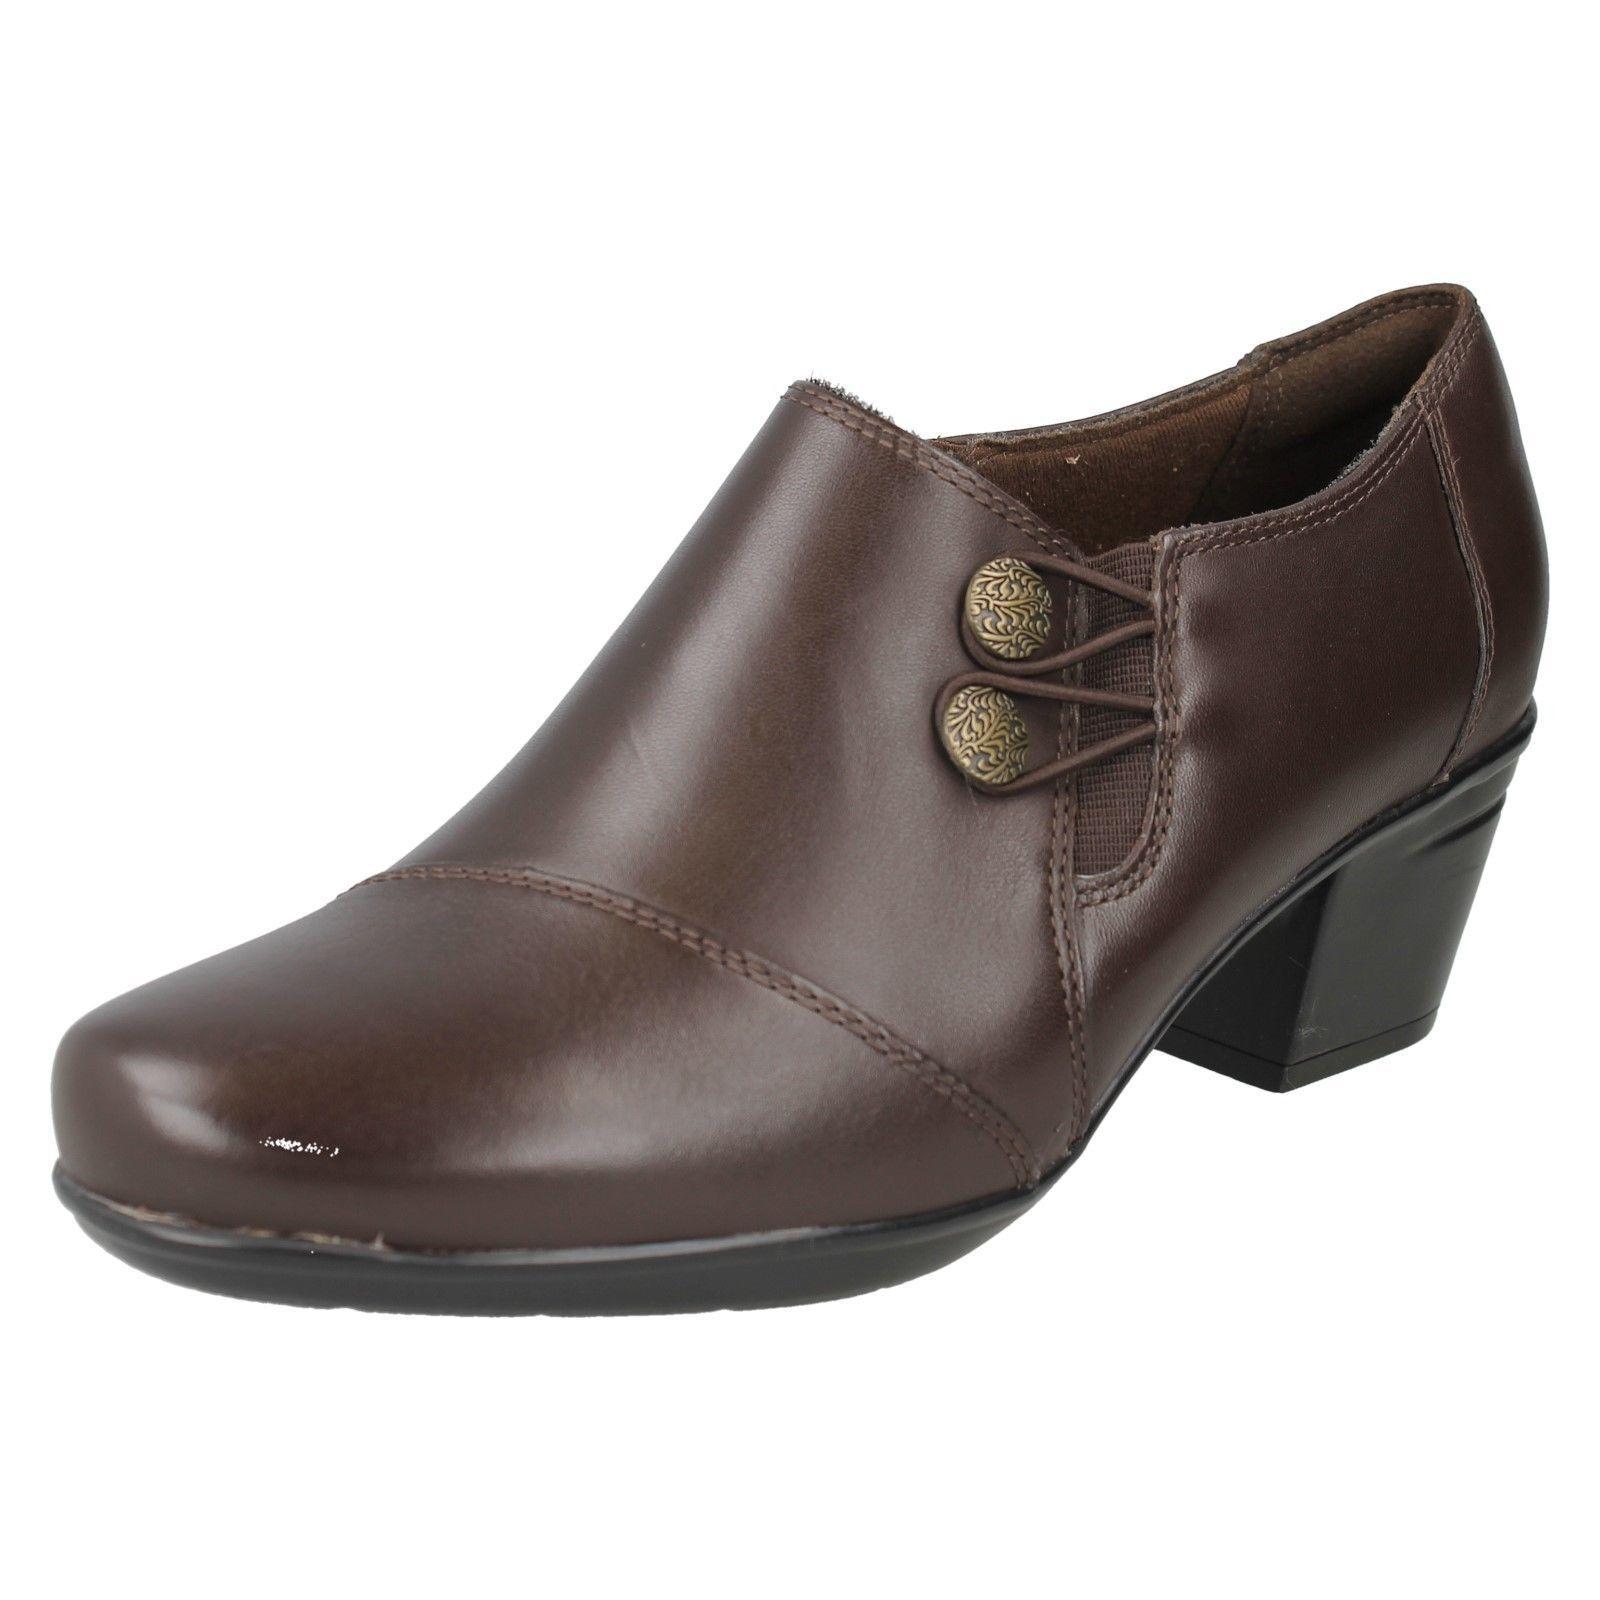 00406e19 Clarks emslie Warren Cuero Marrón Corte Ancho E Pantalones Zapato ...